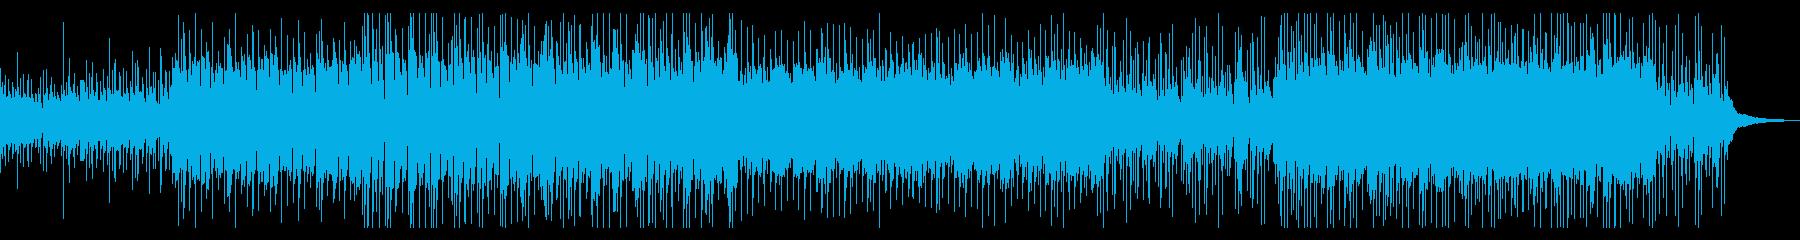 (SE控えめ)切ない系のトロピカルハウスの再生済みの波形